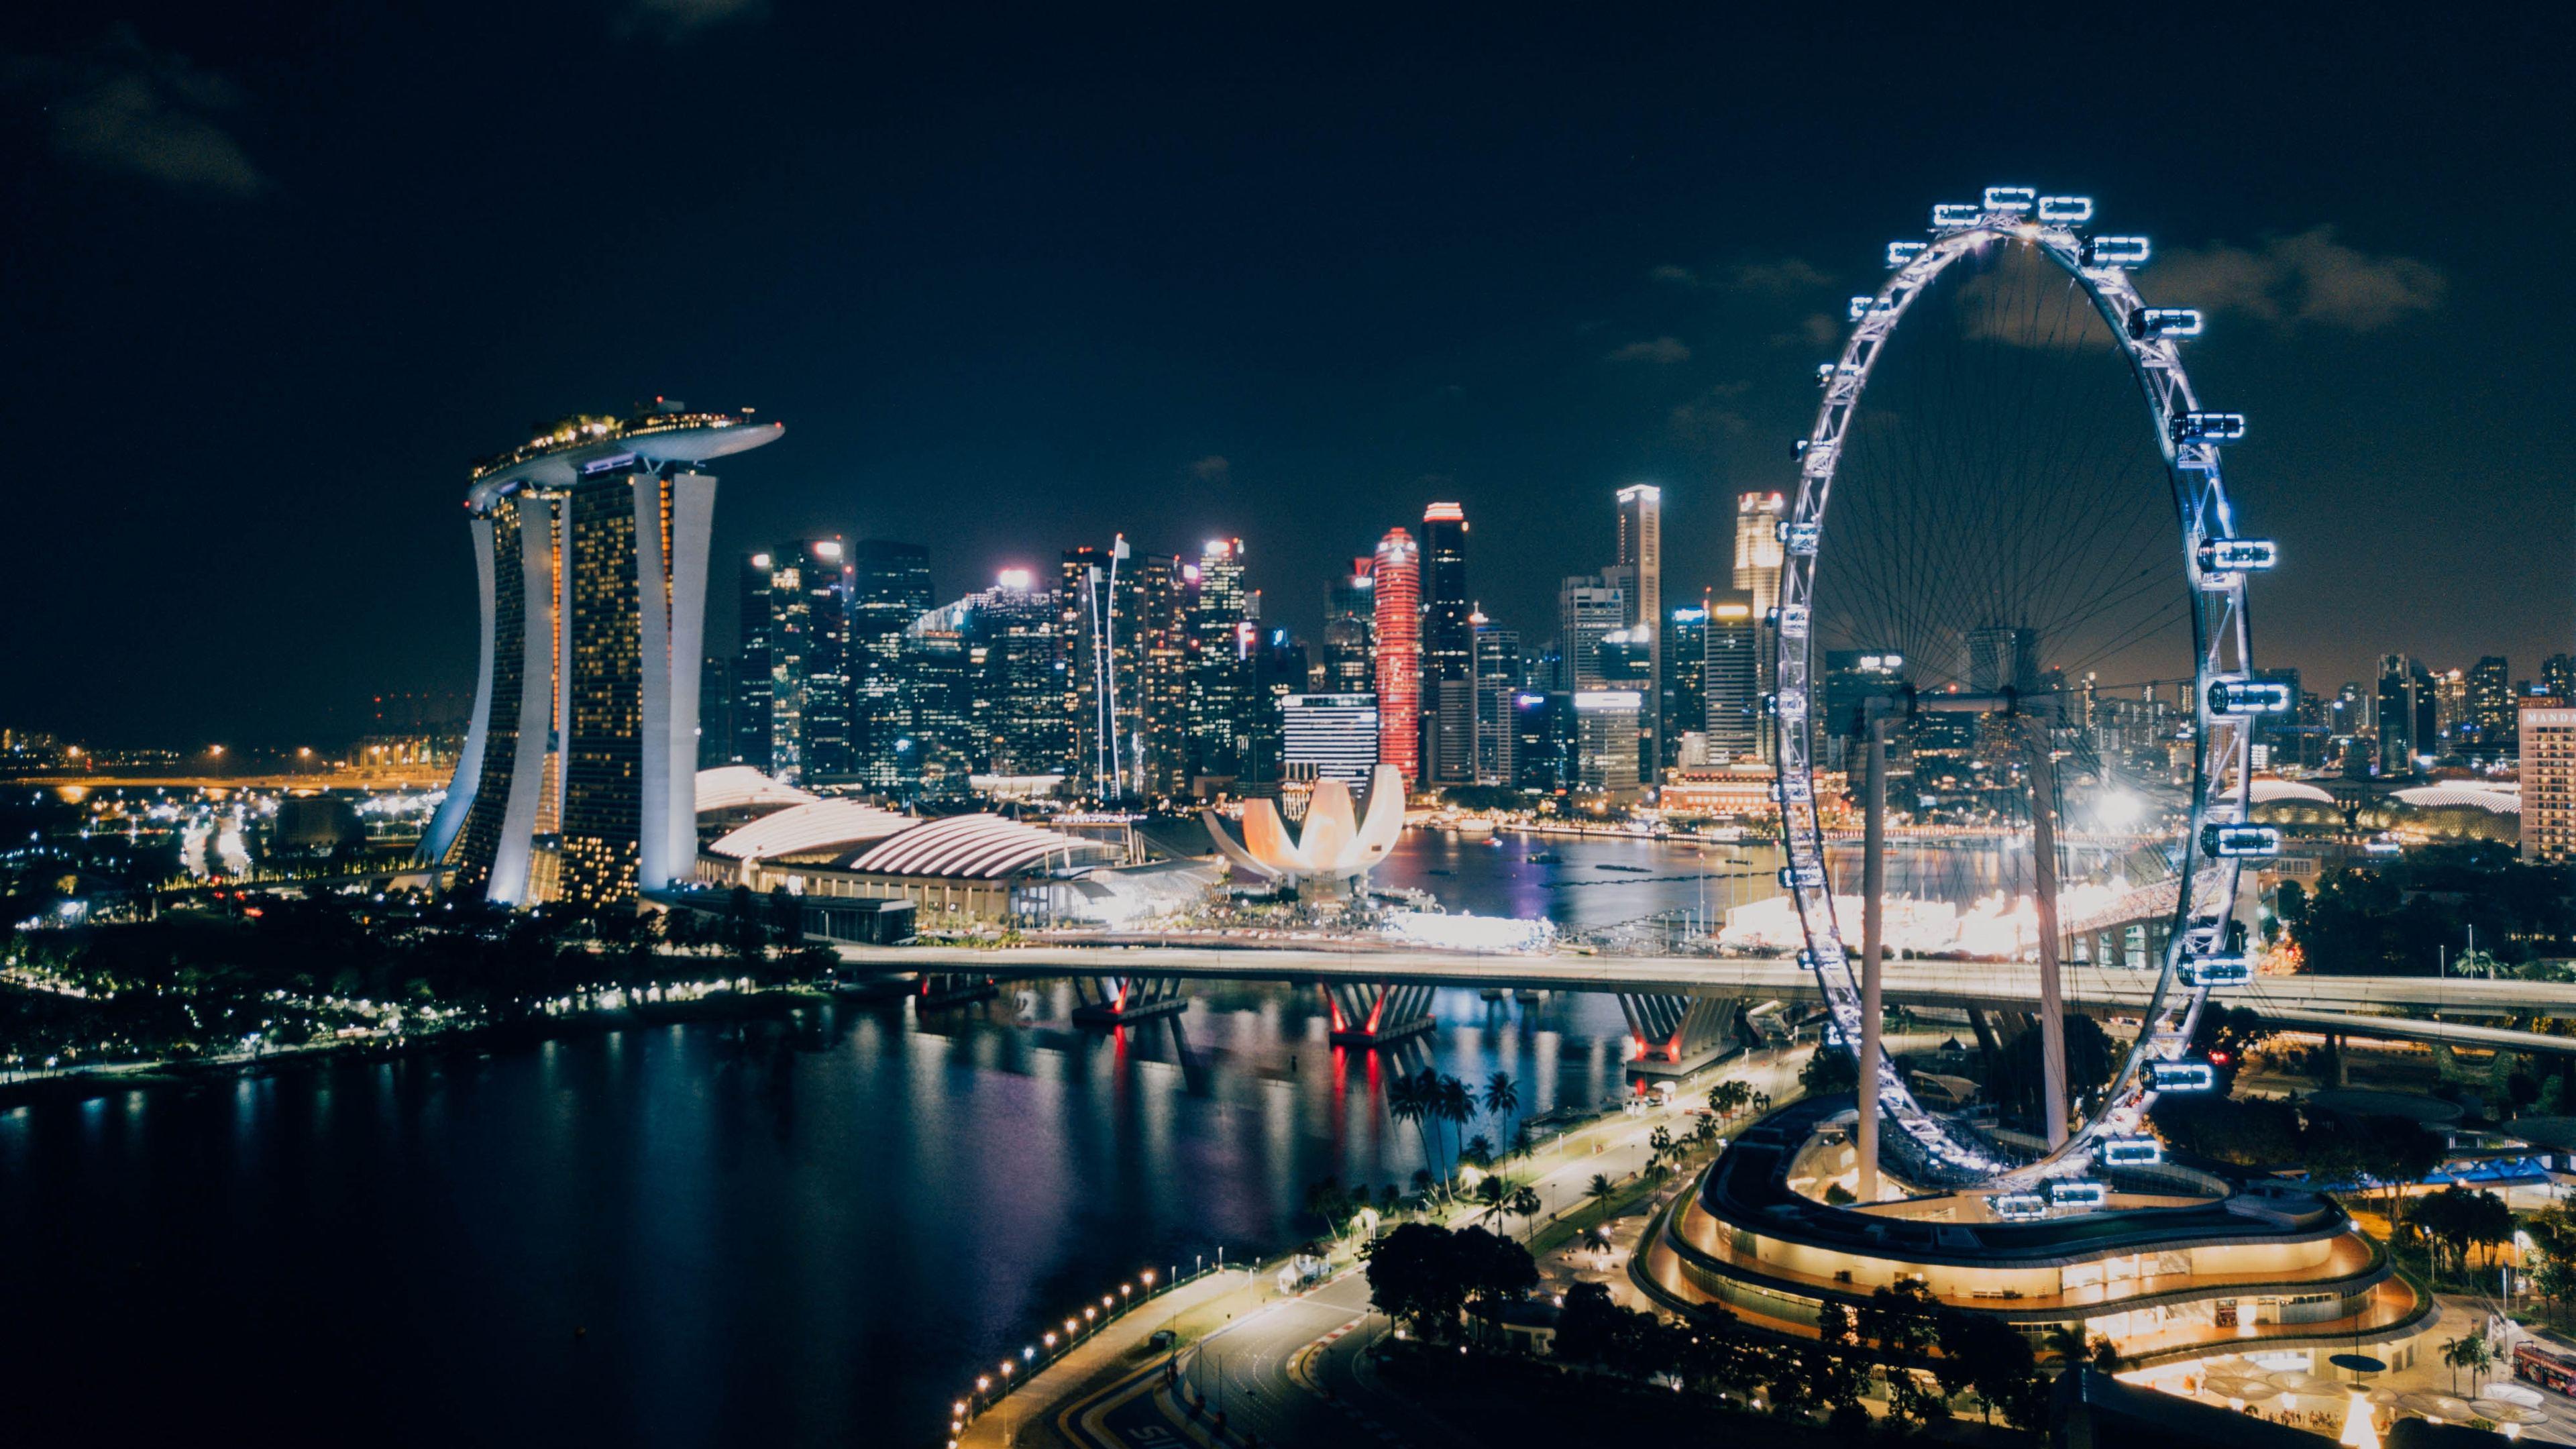 singapore amusement park 4k 1560535902 - Singapore Amusement Park 4k - world wallpapers, singapore wallpapers, hd-wallpapers, city wallpapers, 4k-wallpapers